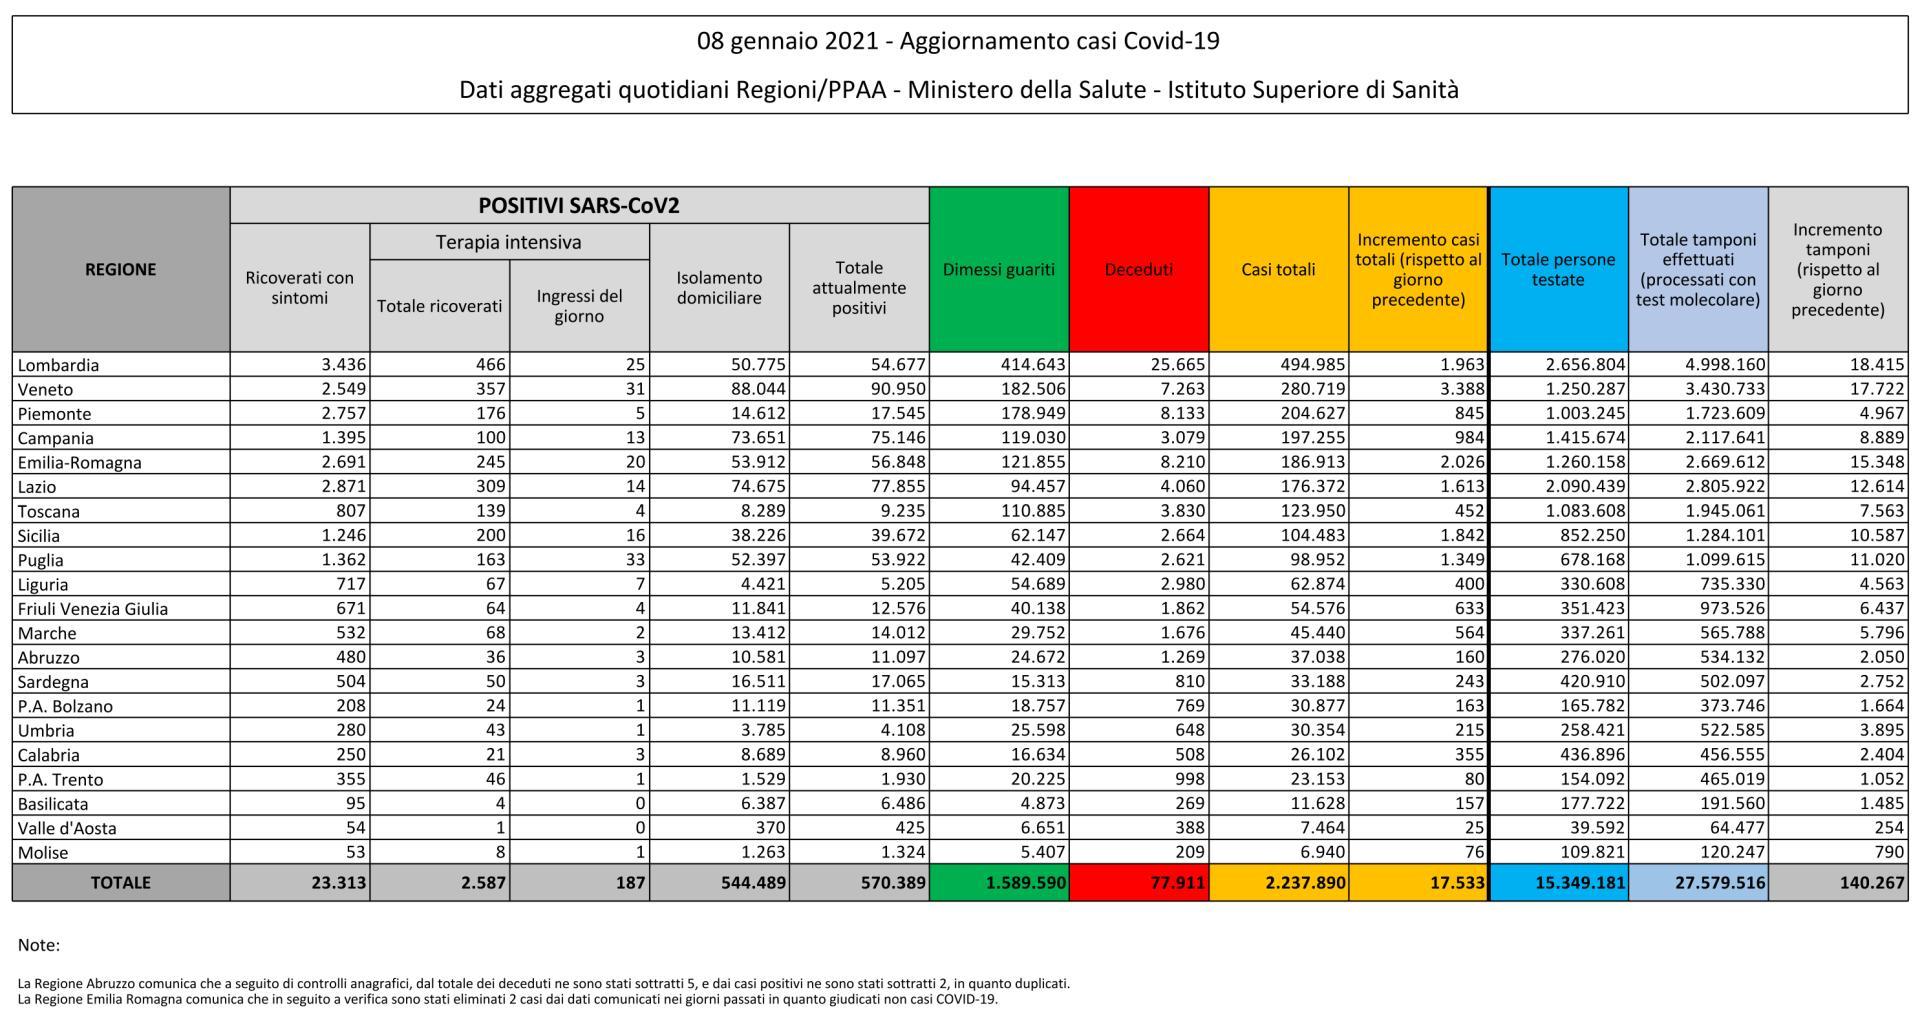 8 gennaio 2021 - Aggiornamento casi Covid-19 Dati aggregati quotidiani Regioni/PPAA - Ministero della Salute - Istituto Superiore di Sanità